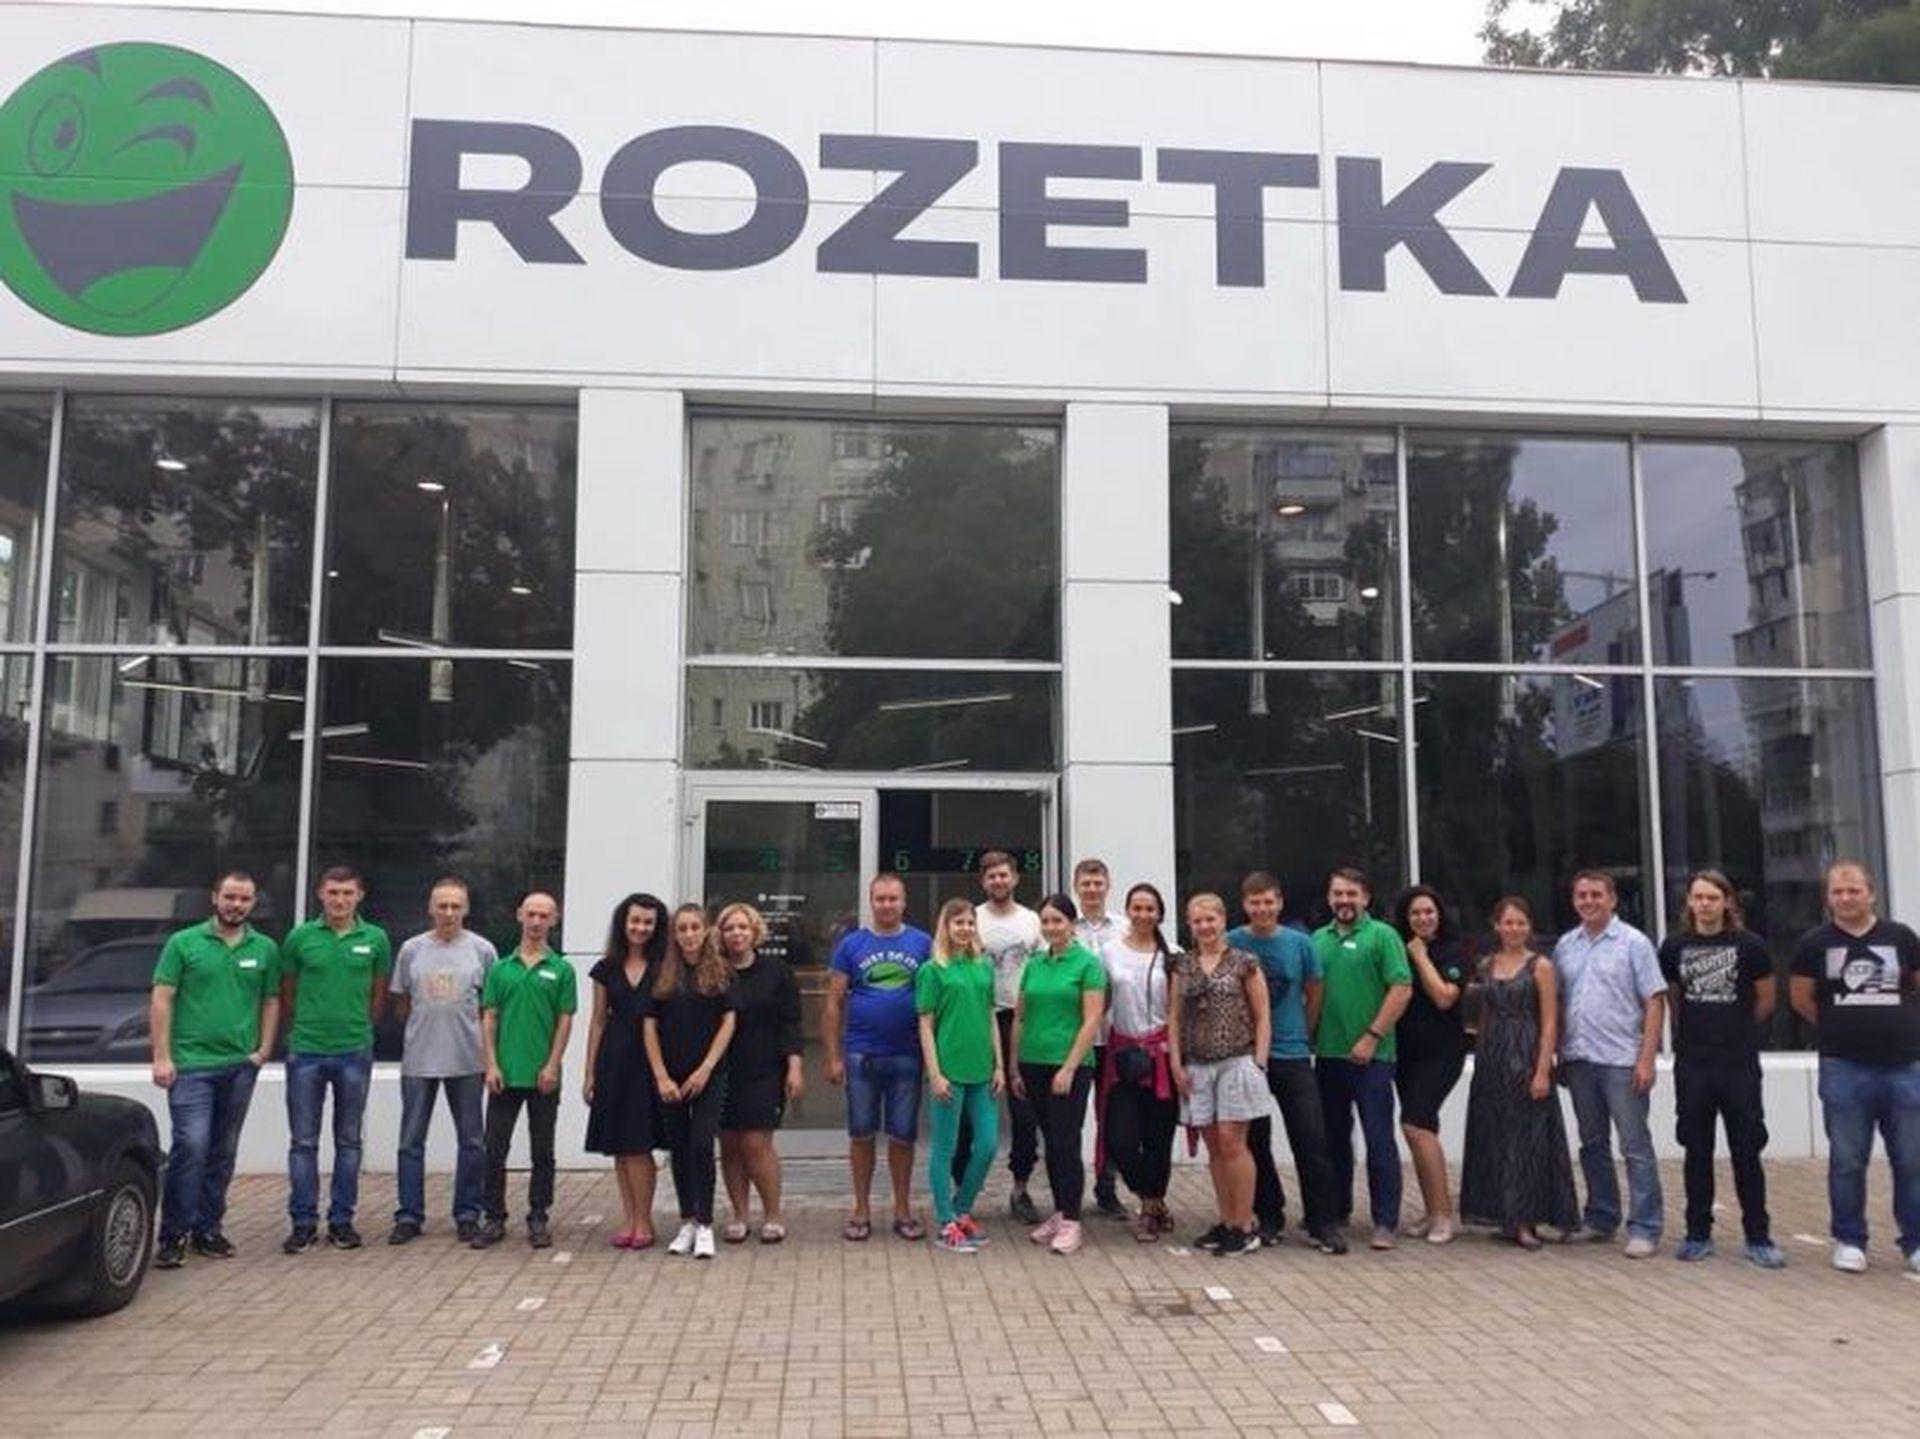 Rozetka відкриває другий офлайн-магазин в Одесі